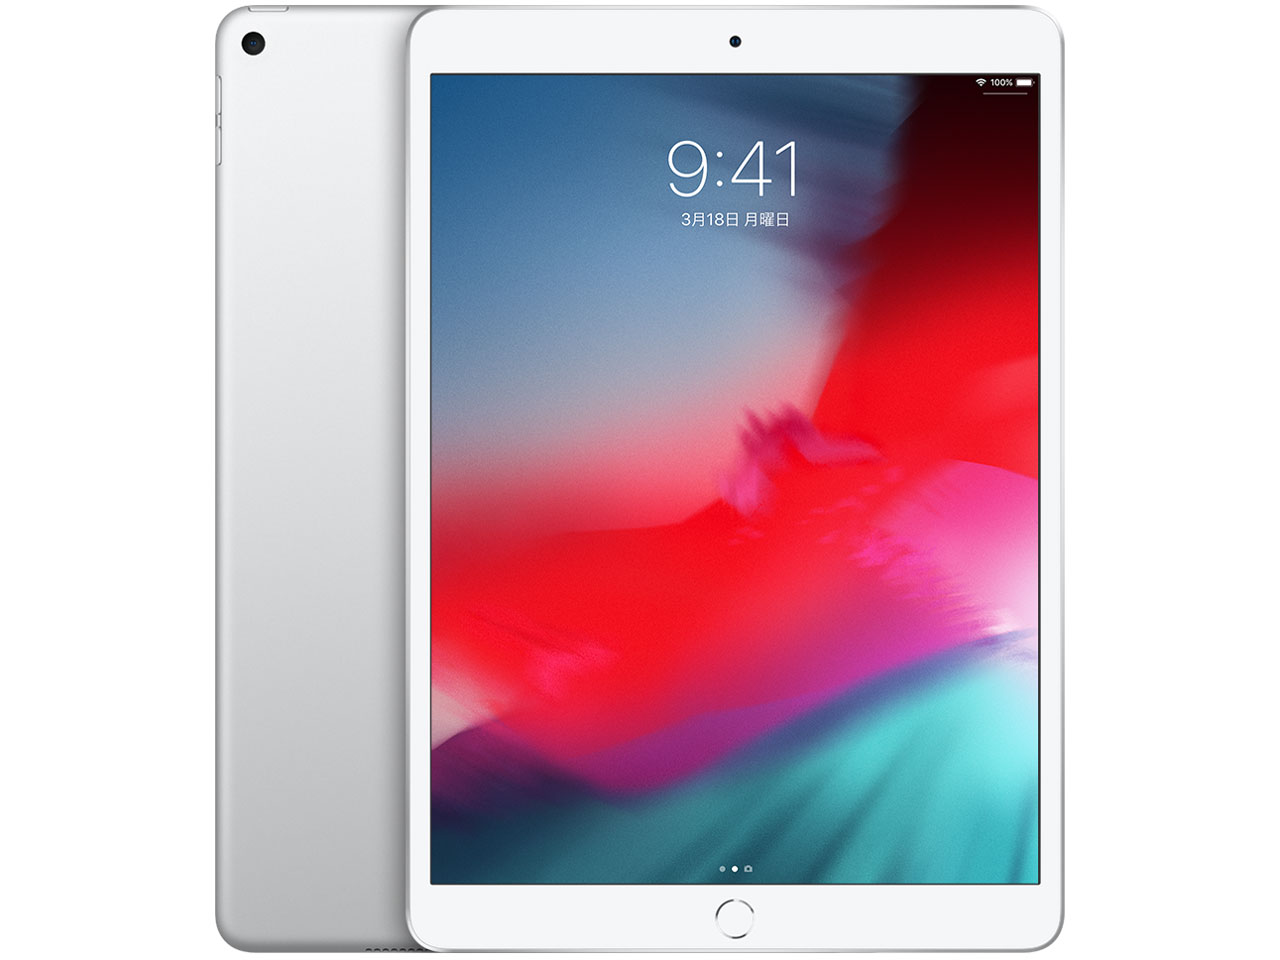 人気が高い 新品未開封品iPad Air 第3世代 Air 256GB MUUR2J/A 第3世代 シルバーアップル MUUR2J/A 10.5インチ Wi-Fi 2019年春モデル 保証未開始, ミツボシ雑貨店:a96141b1 --- inglin-transporte.ch